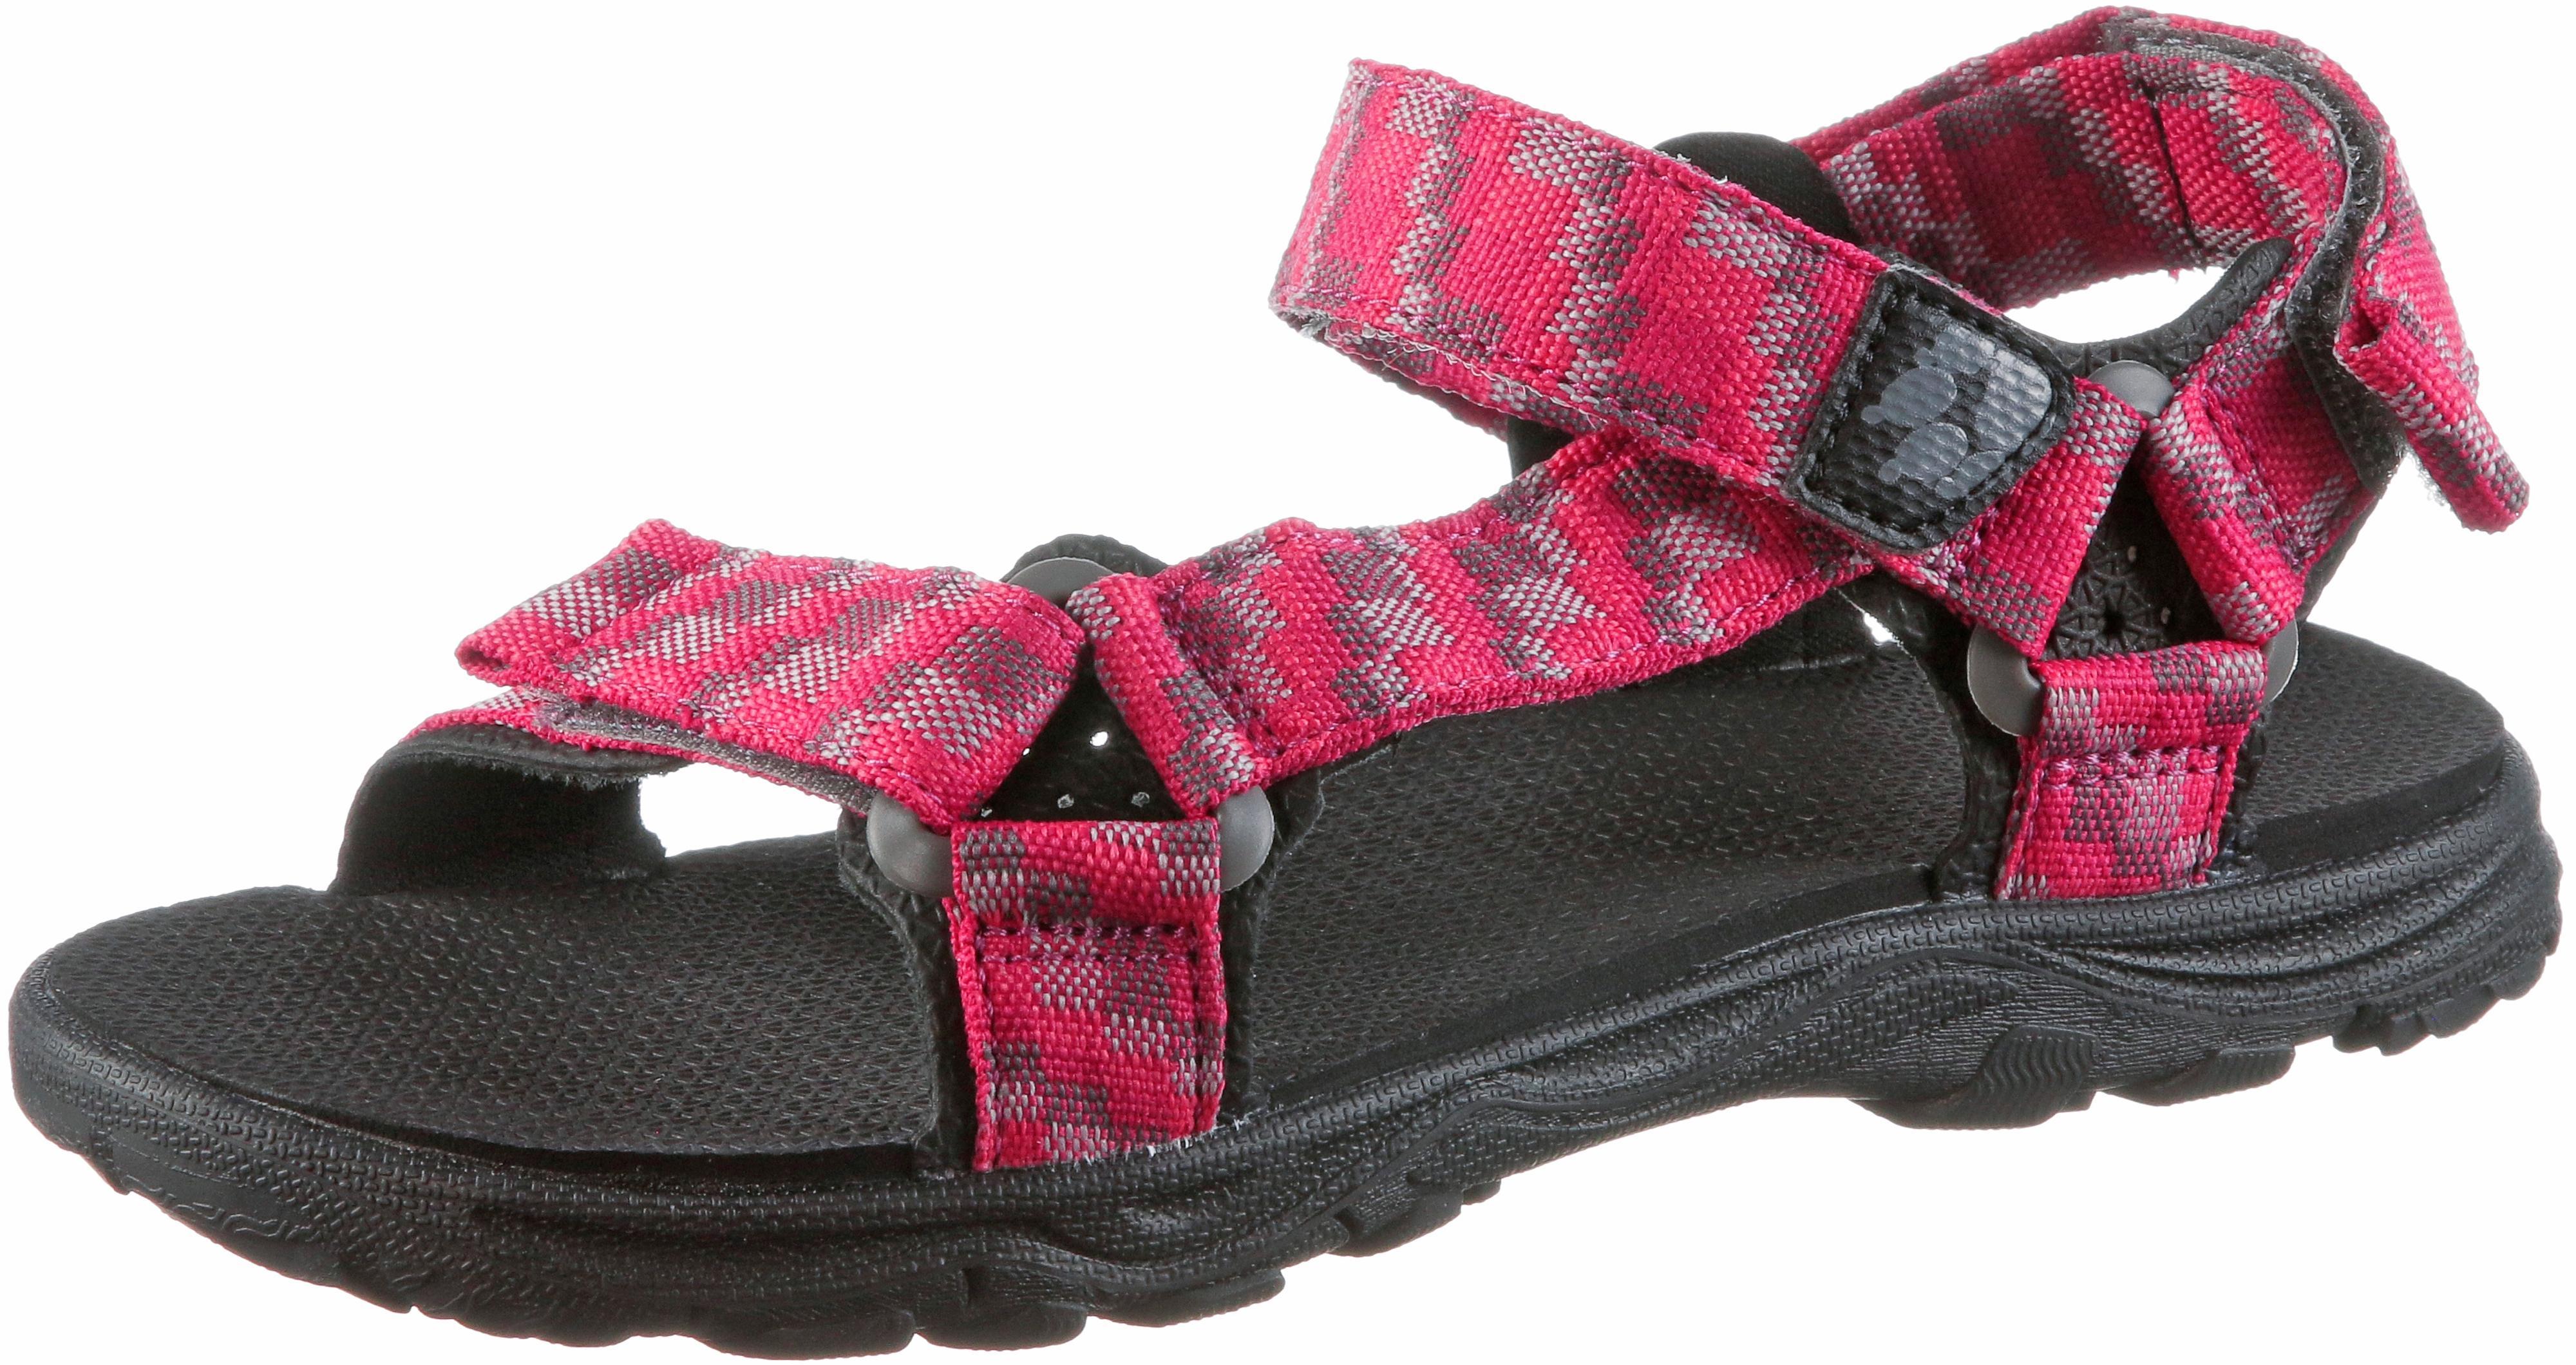 Jack Wolfskin Seven Seas Sandalen Mädchen aquamarine im Online Shop von SportScheck kaufen